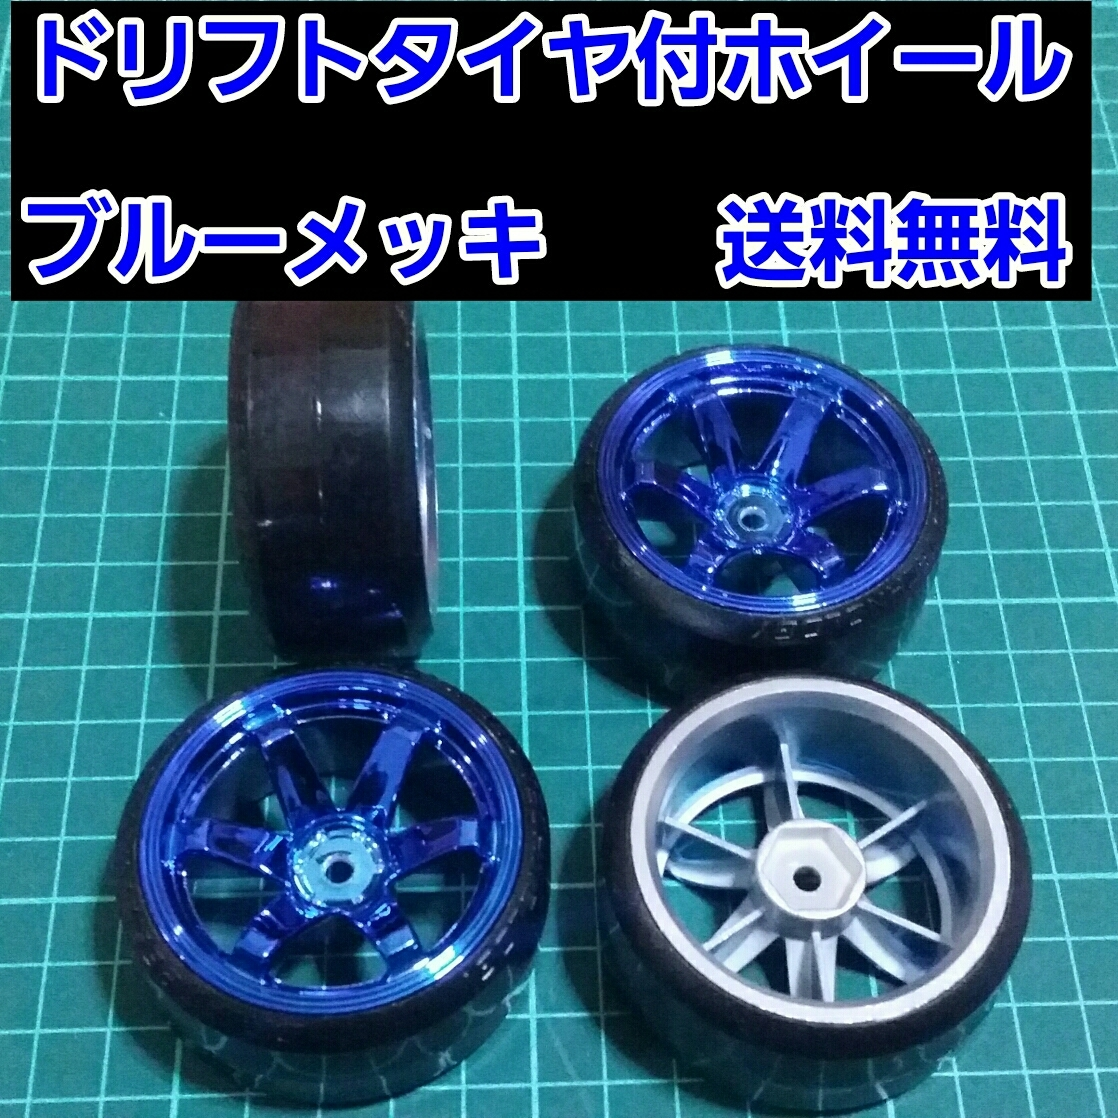 《送料無料》1/10 ドリフト タイヤ 4本 付 ホイール 新品 ブルー   ヨコモ タミヤ ラジコン ヨコモ ドリパケ タミヤ TT01 TT02